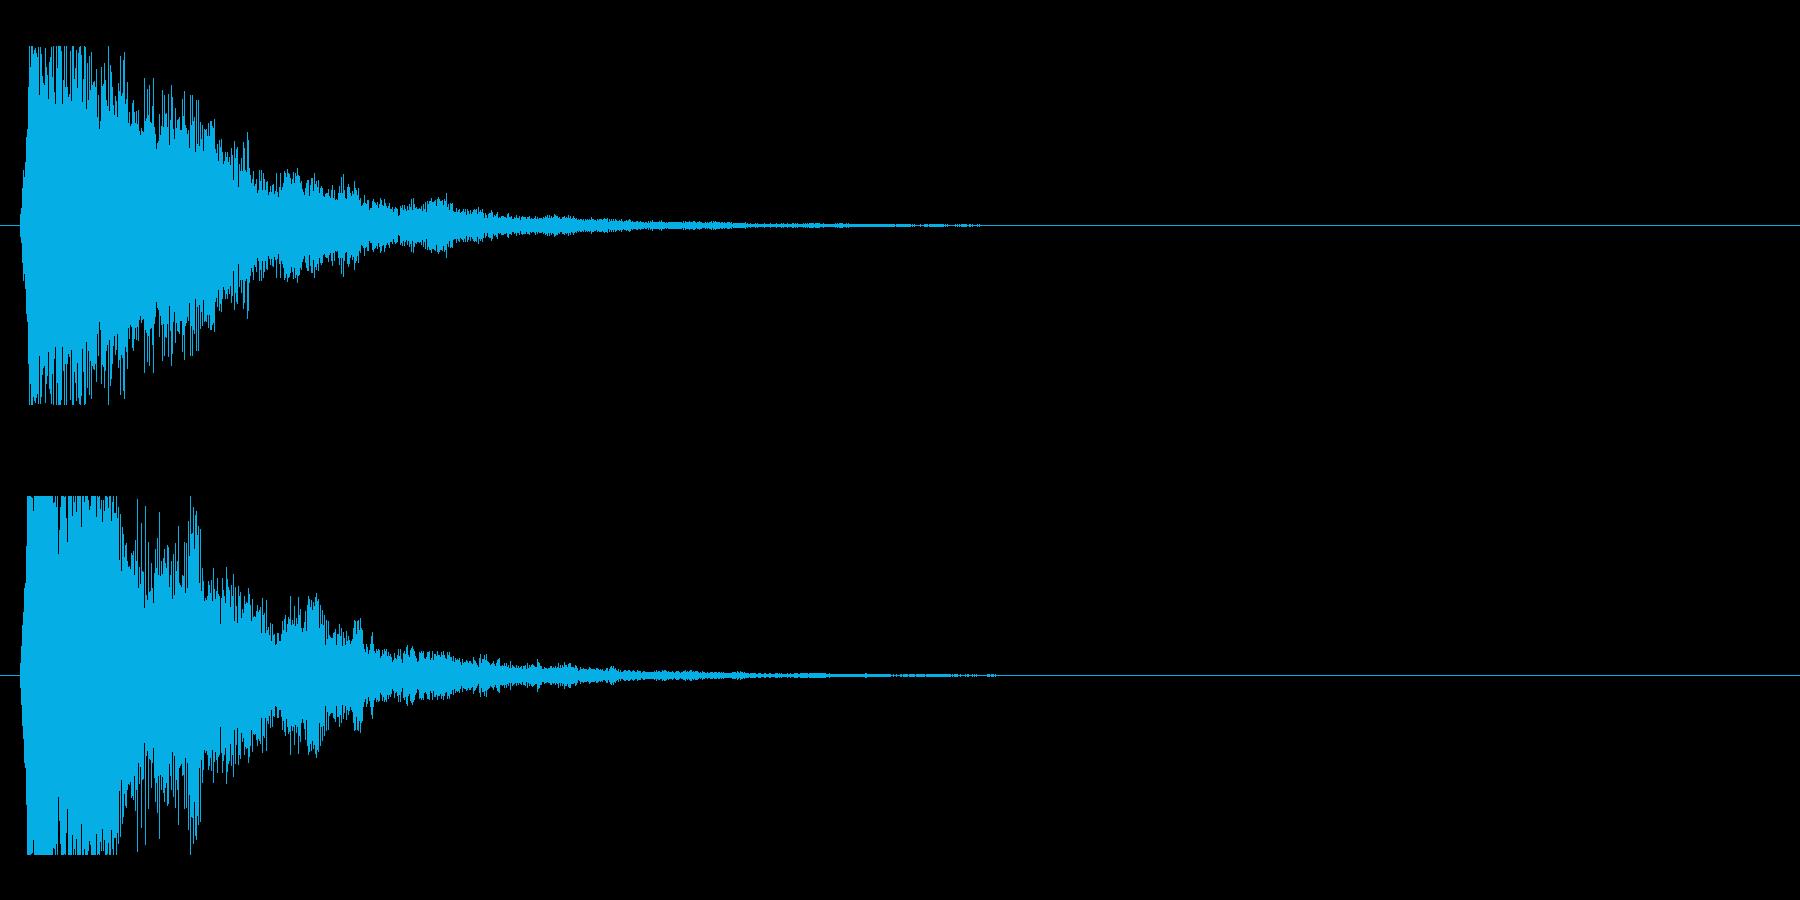 レーザー音-49-2の再生済みの波形